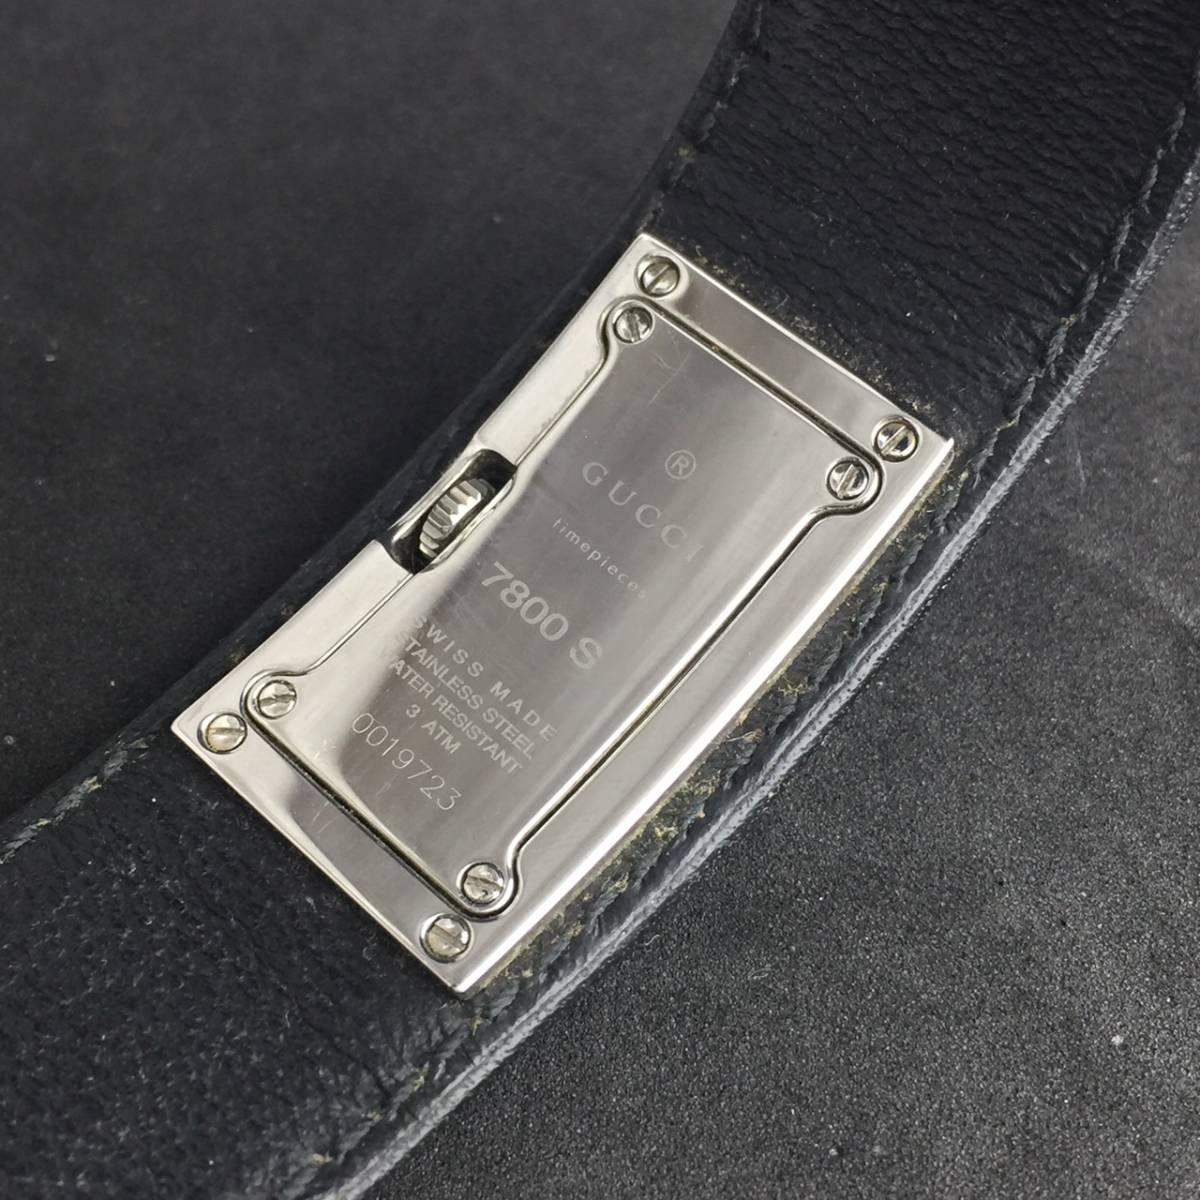 【1円箱付】GUCCI グッチ 腕時計 レディース 7800S レザー ブラックダイヤル スクエア 可動品_画像5